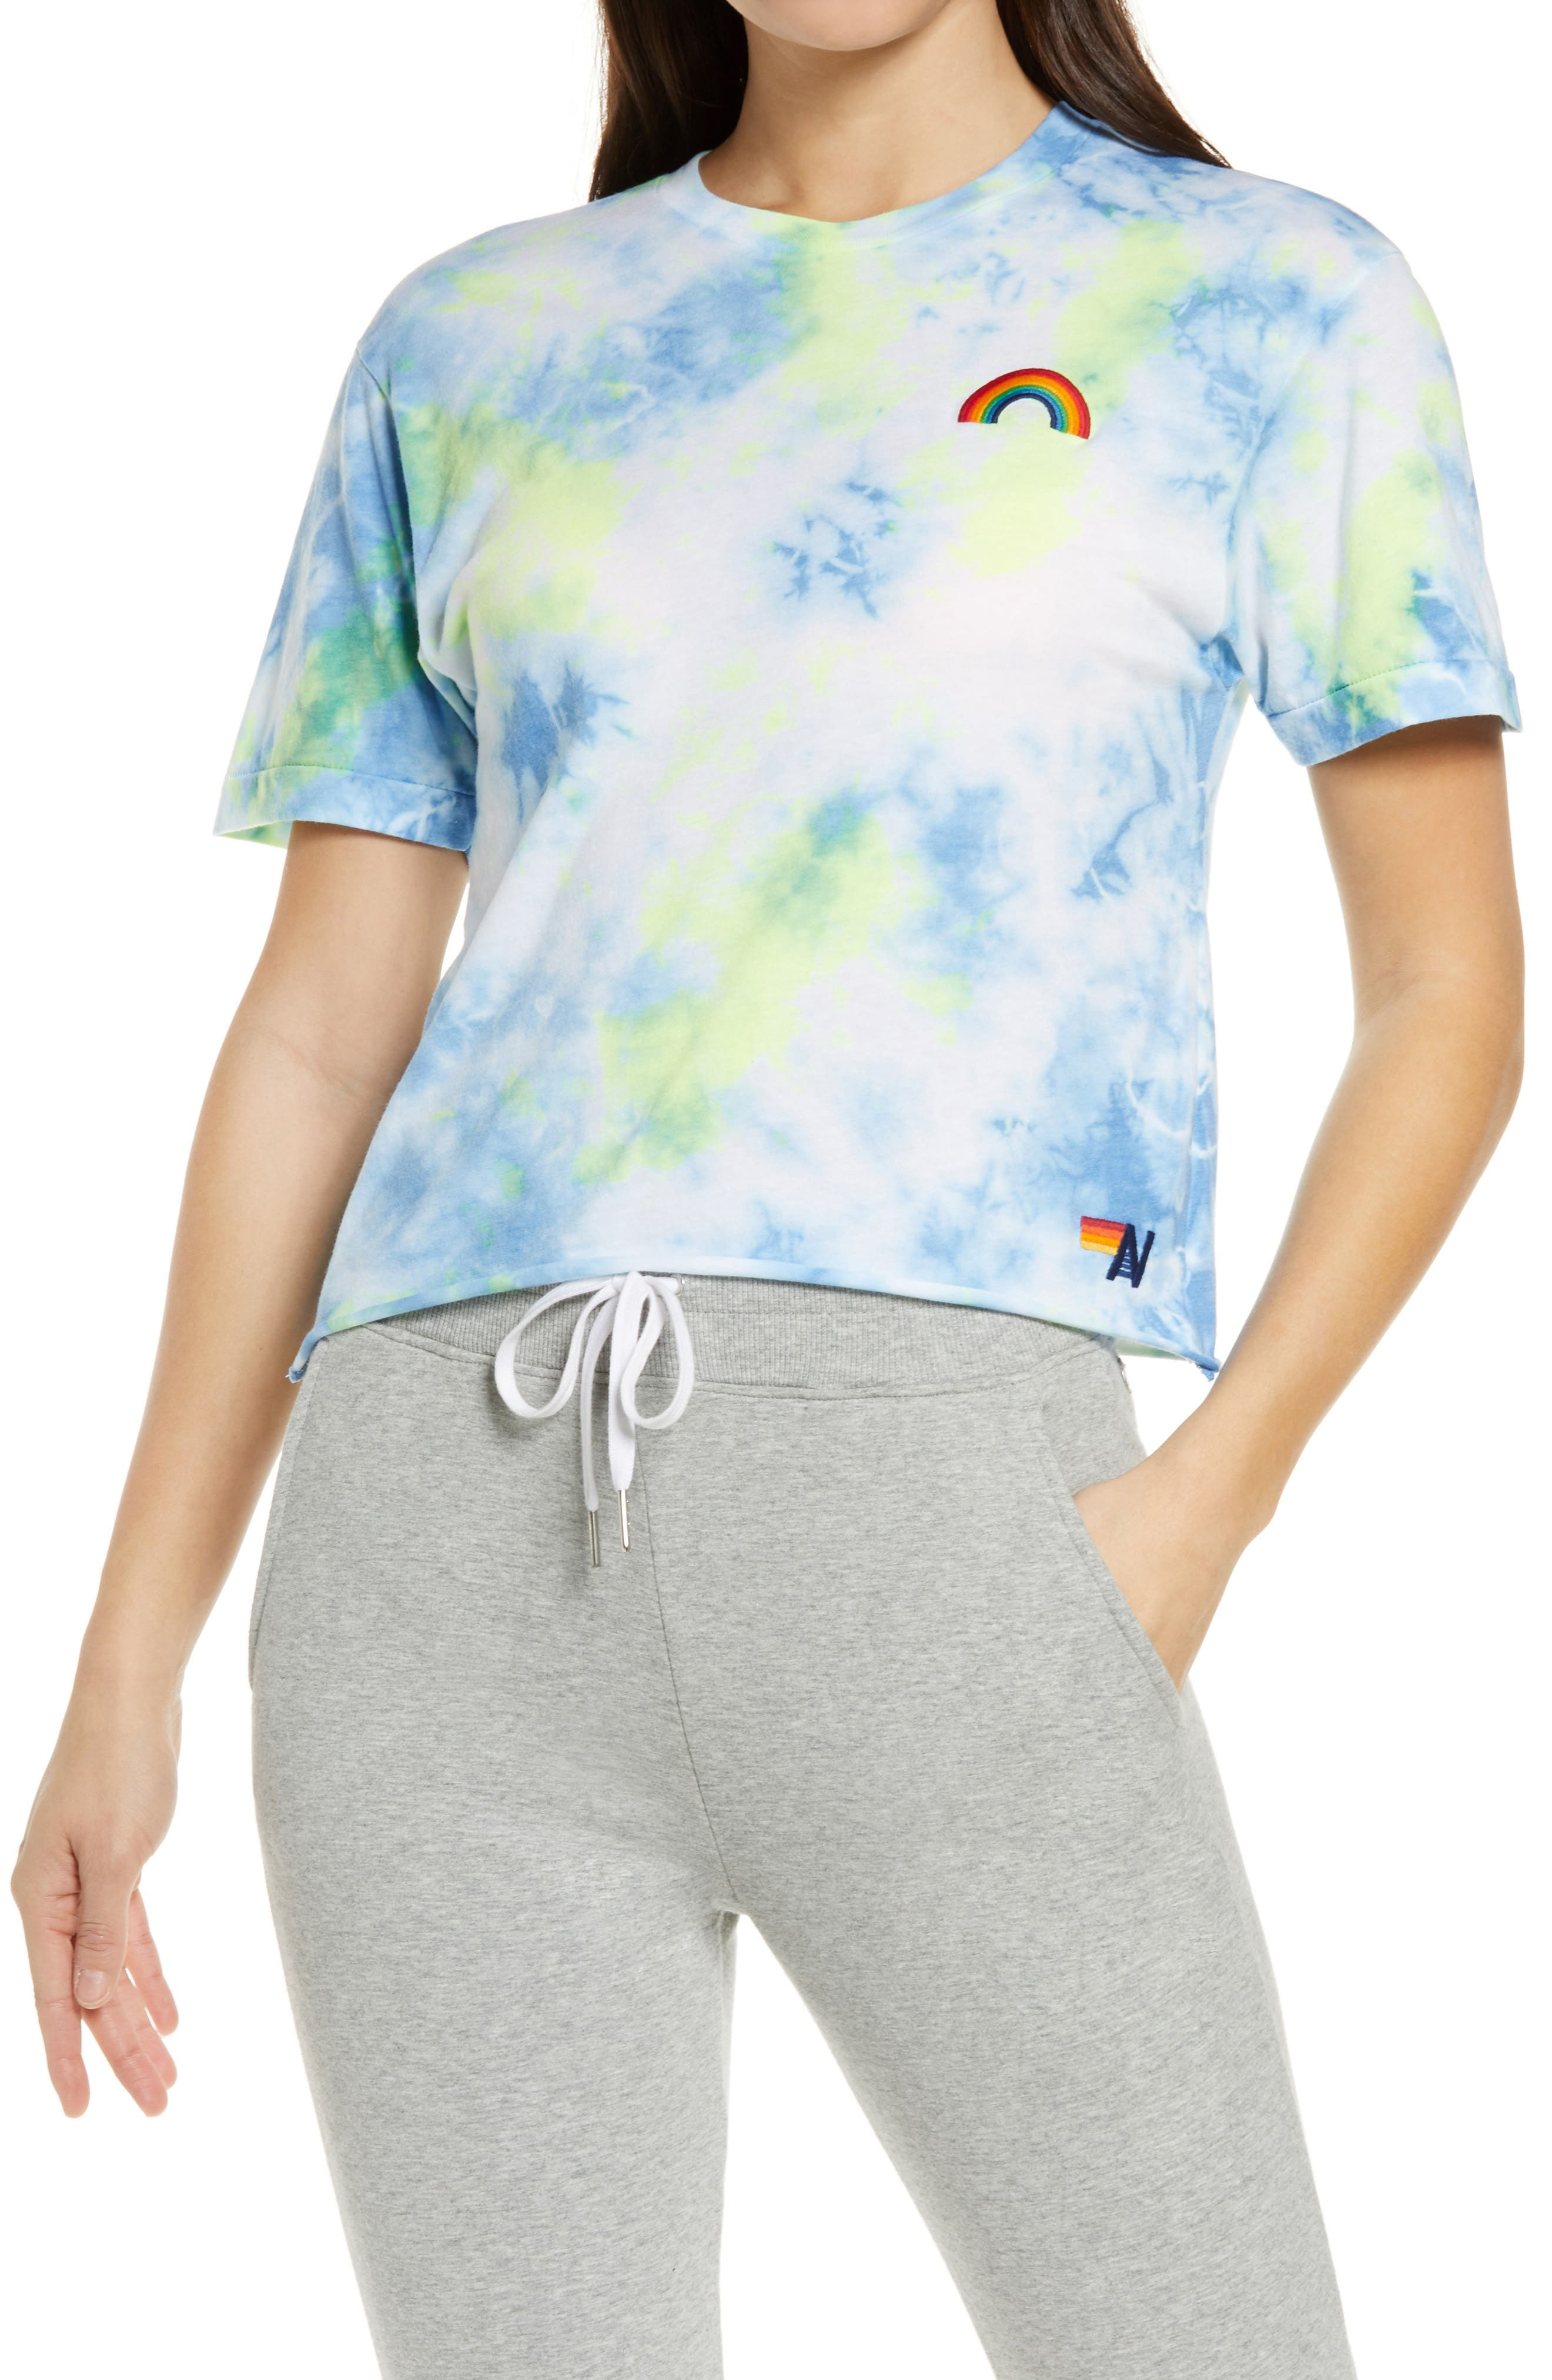 Rainbow Tie Dye Boyfriend Women's T-Shirt